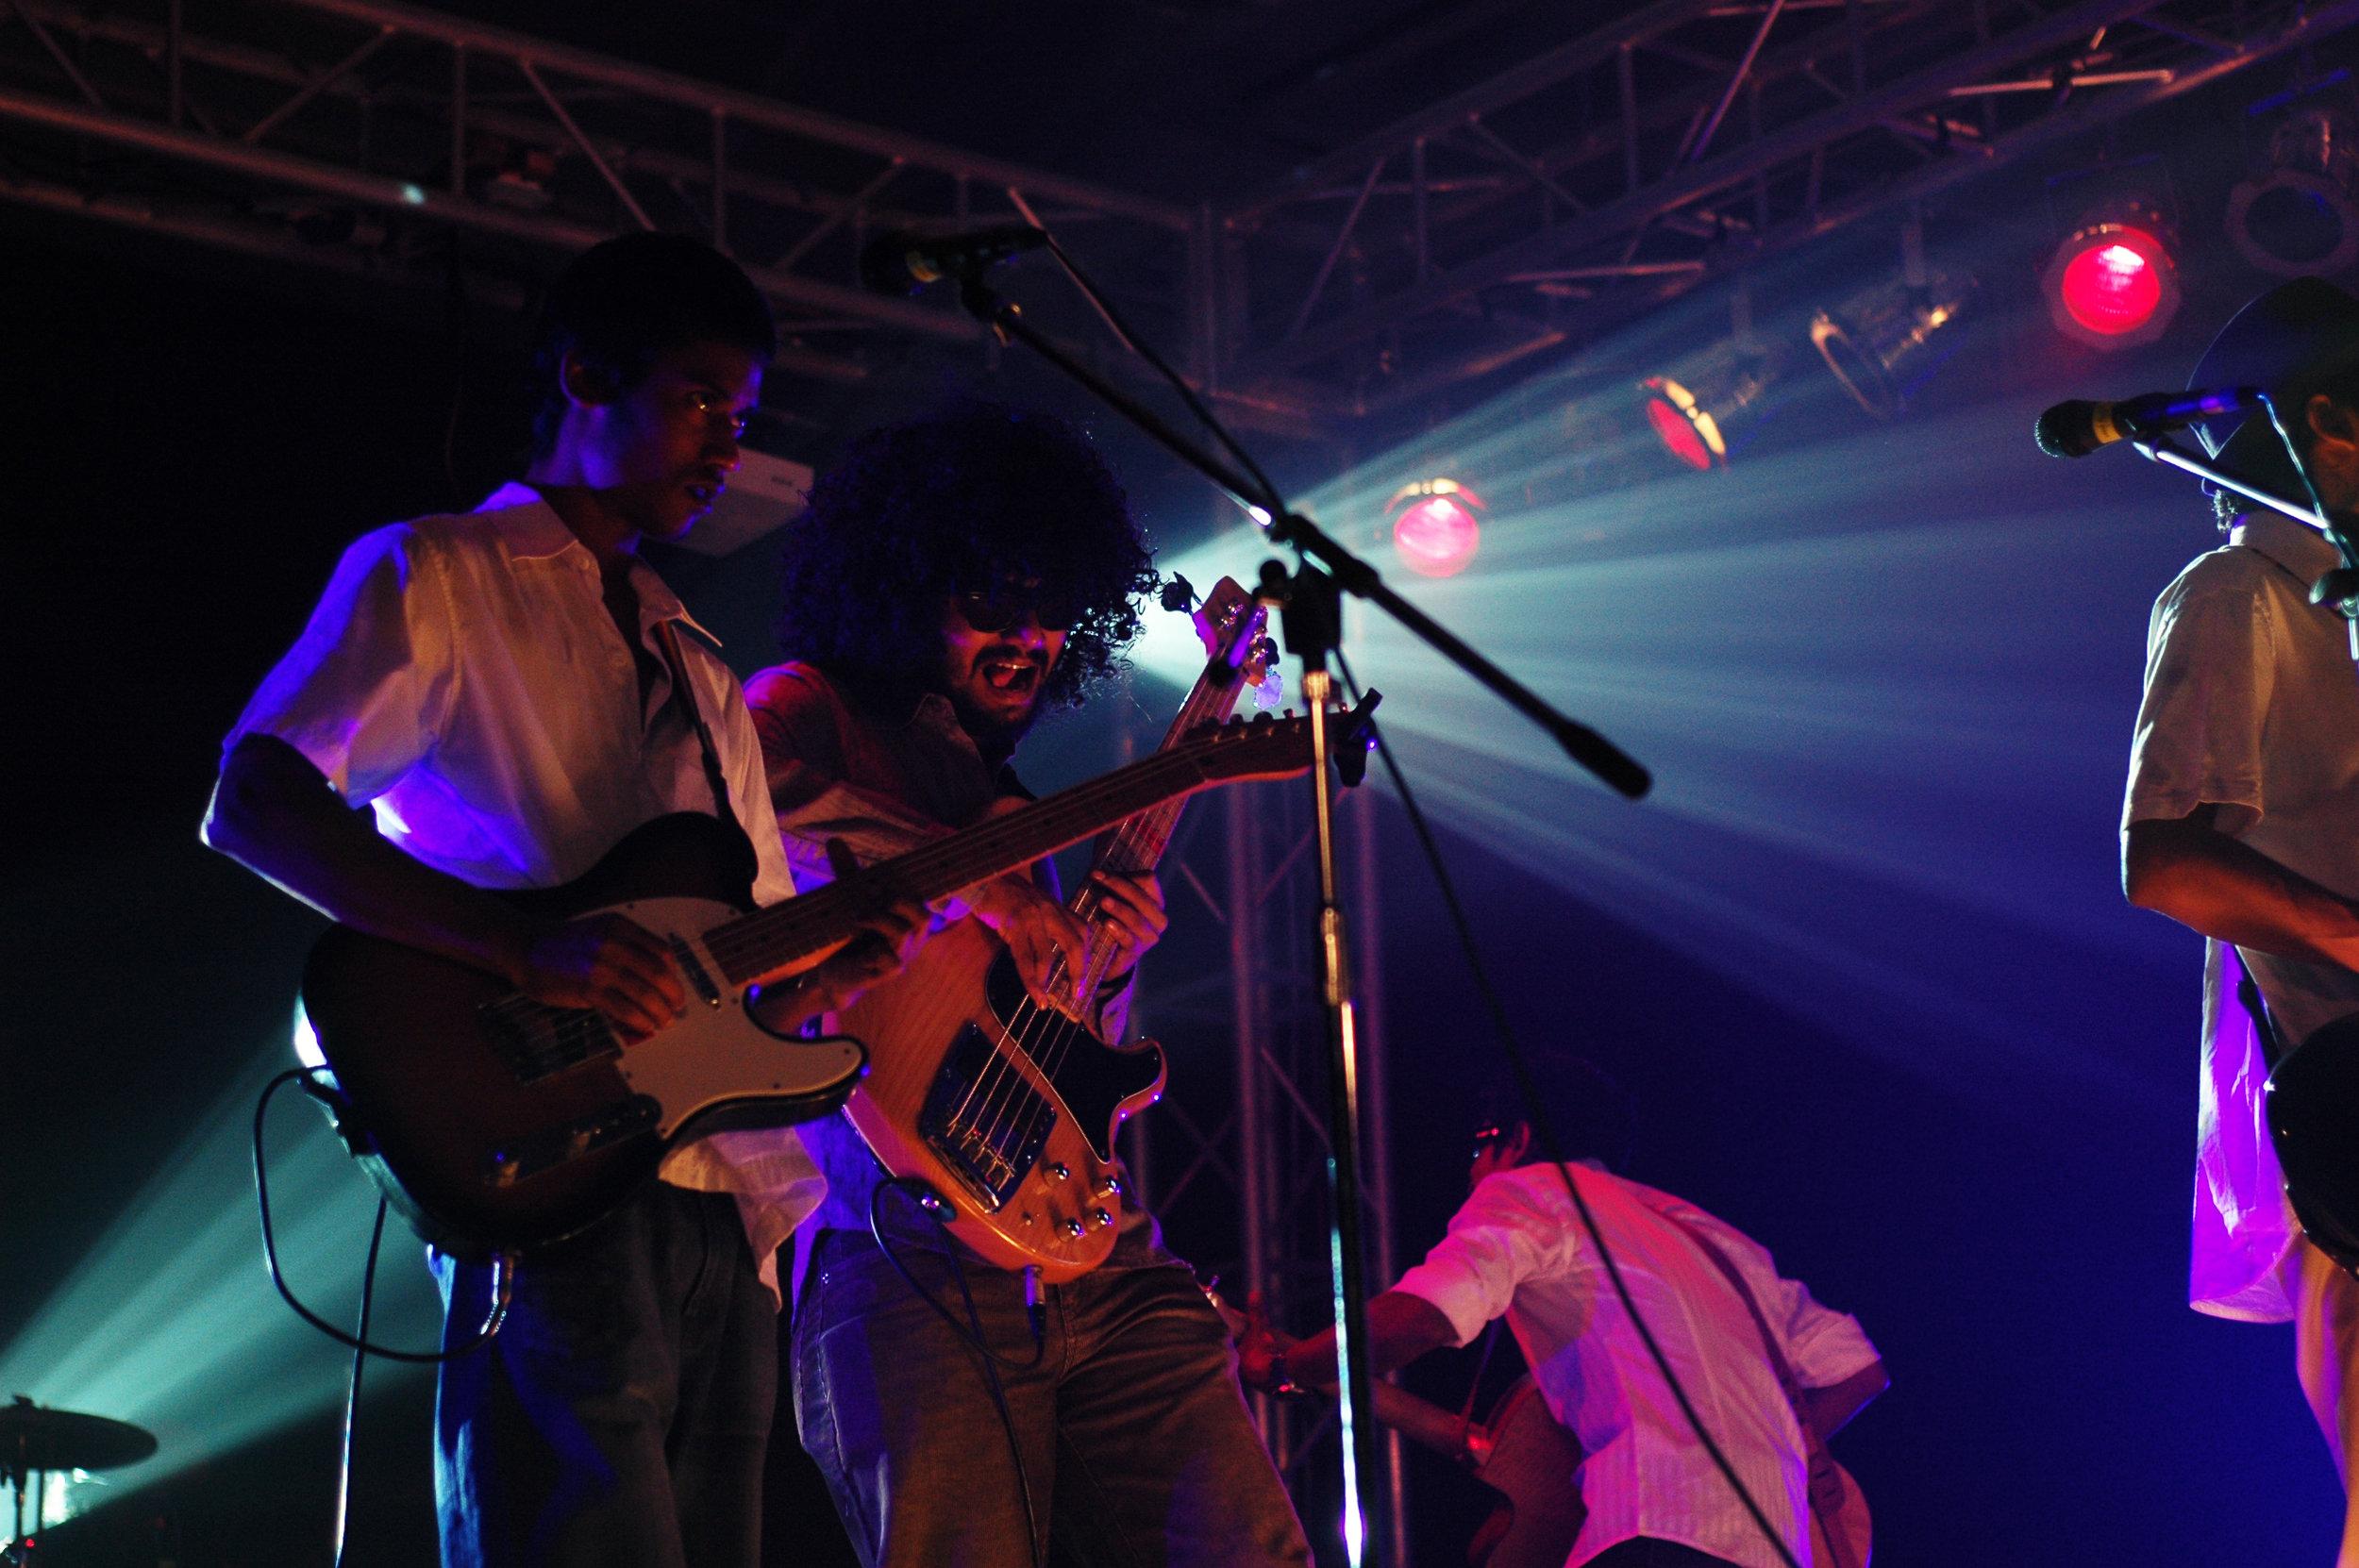 2009-08-19 - Male' City - Dharubaaruge' - Eku Ekee Album Launch - D70s-8012.jpg